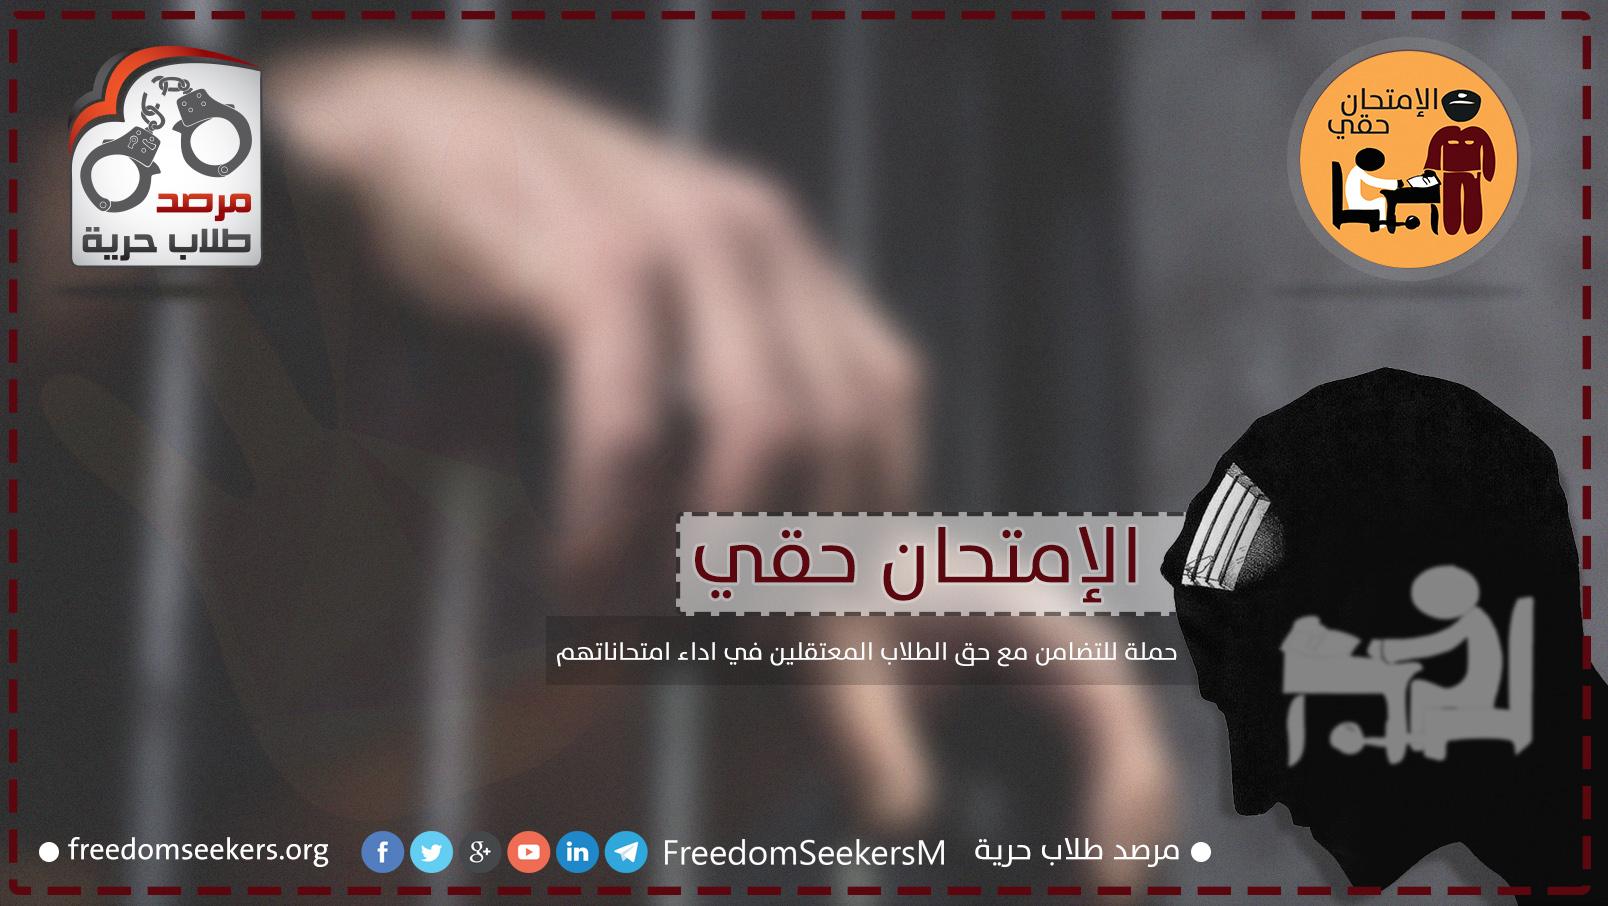 الامتحان حقي - حملة للتضامن مع الطلاب المعتقلين دفاعا عن حقهم في اداء الامتحانات